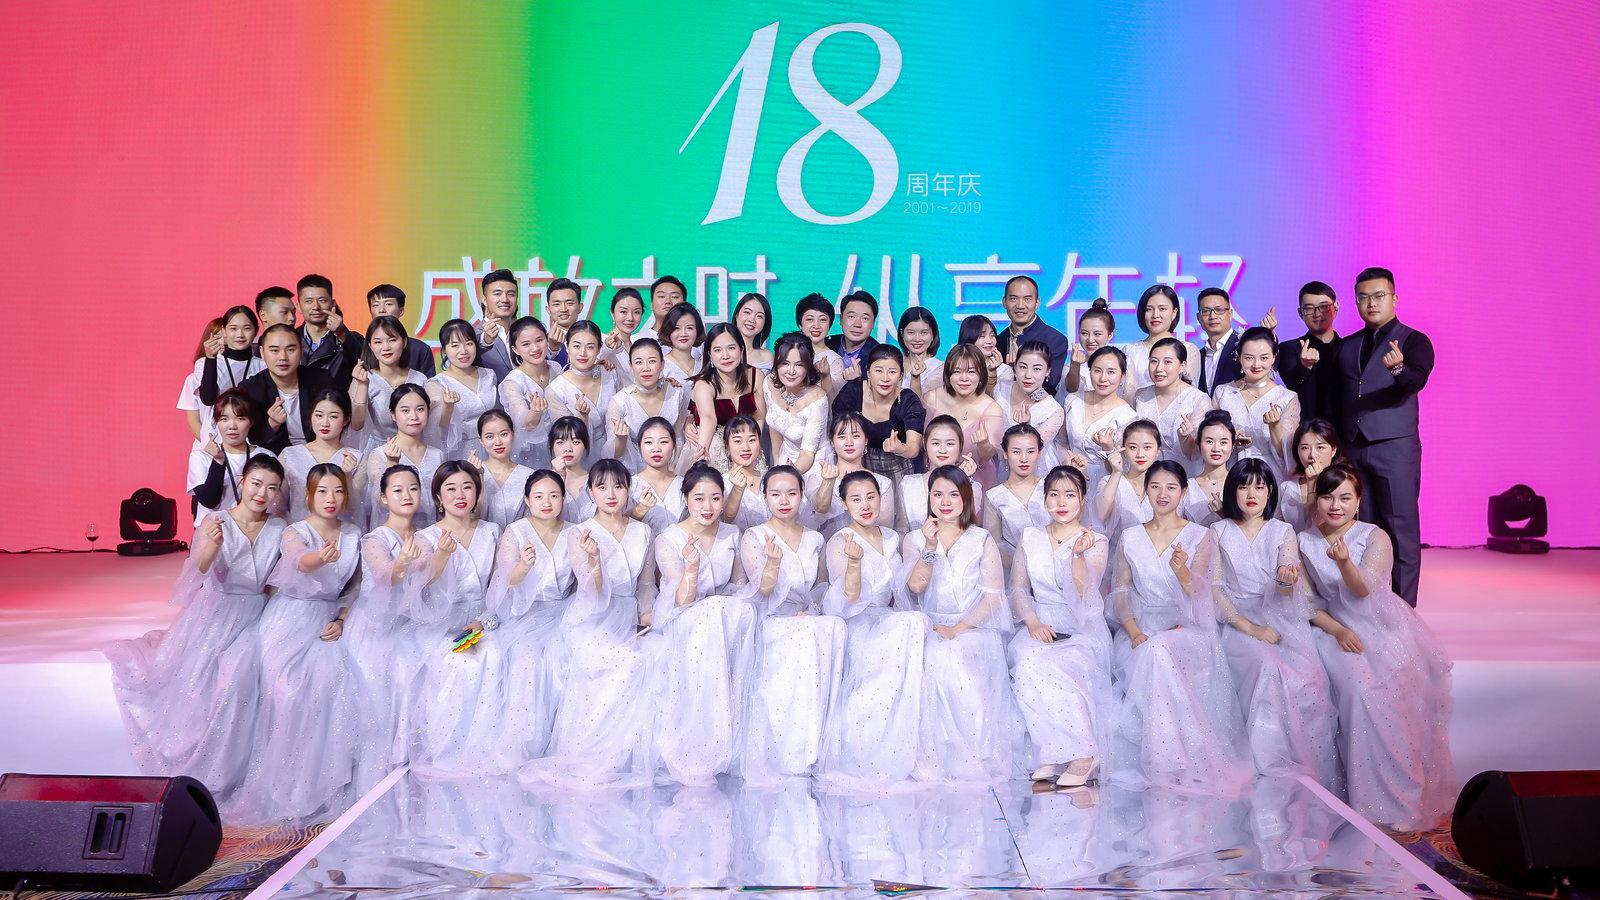 18周年盛典完美落幕,艺施展望美好未来